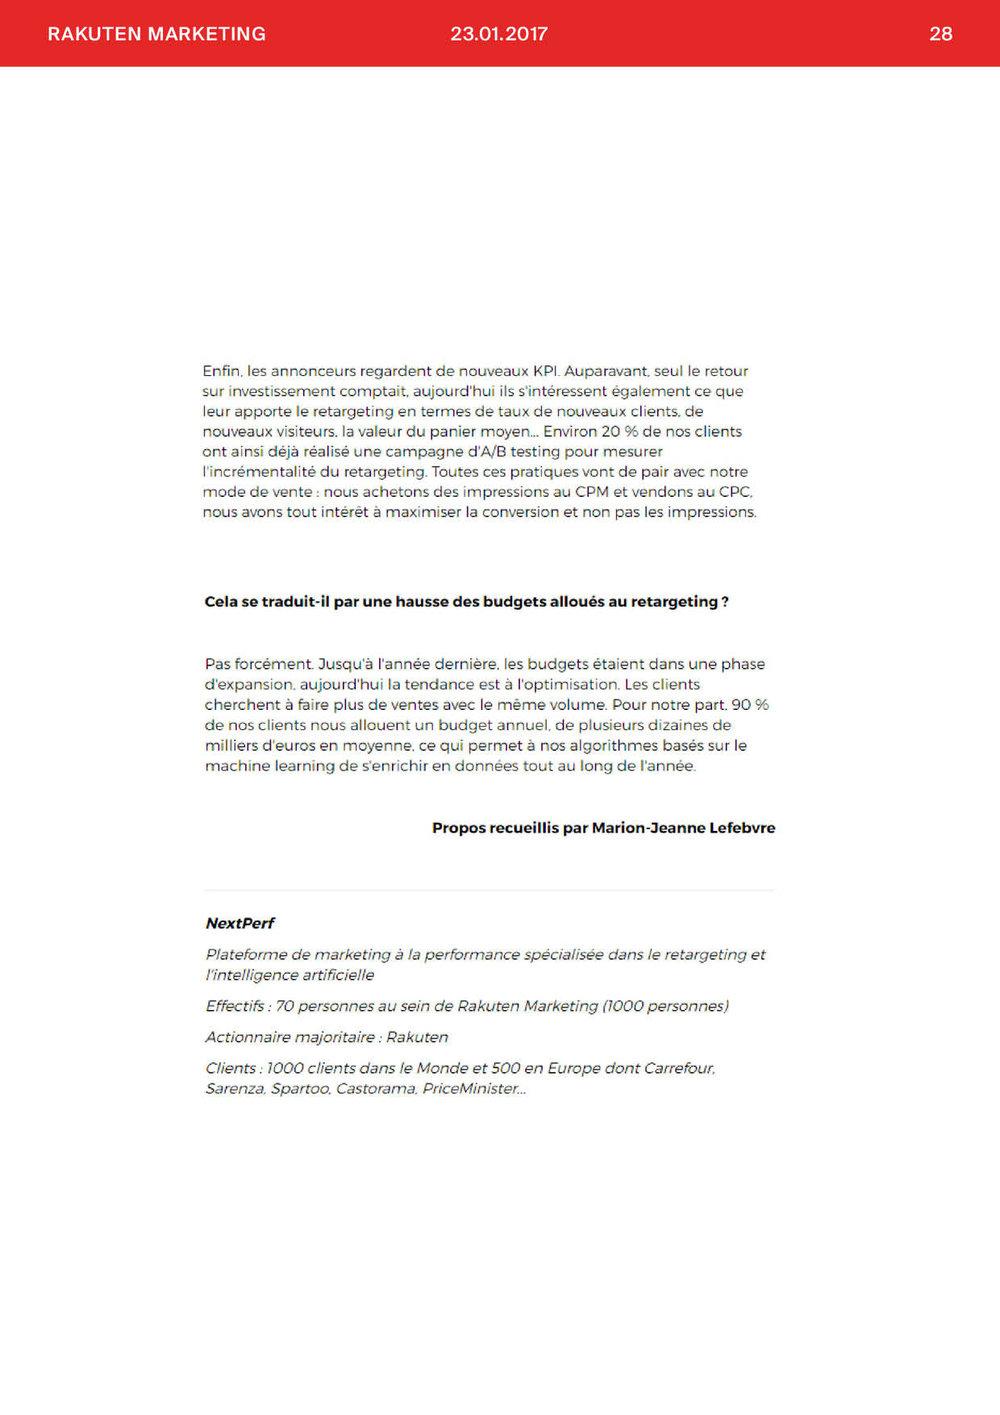 BOOKMEDIA_FEV_WEB28.jpg